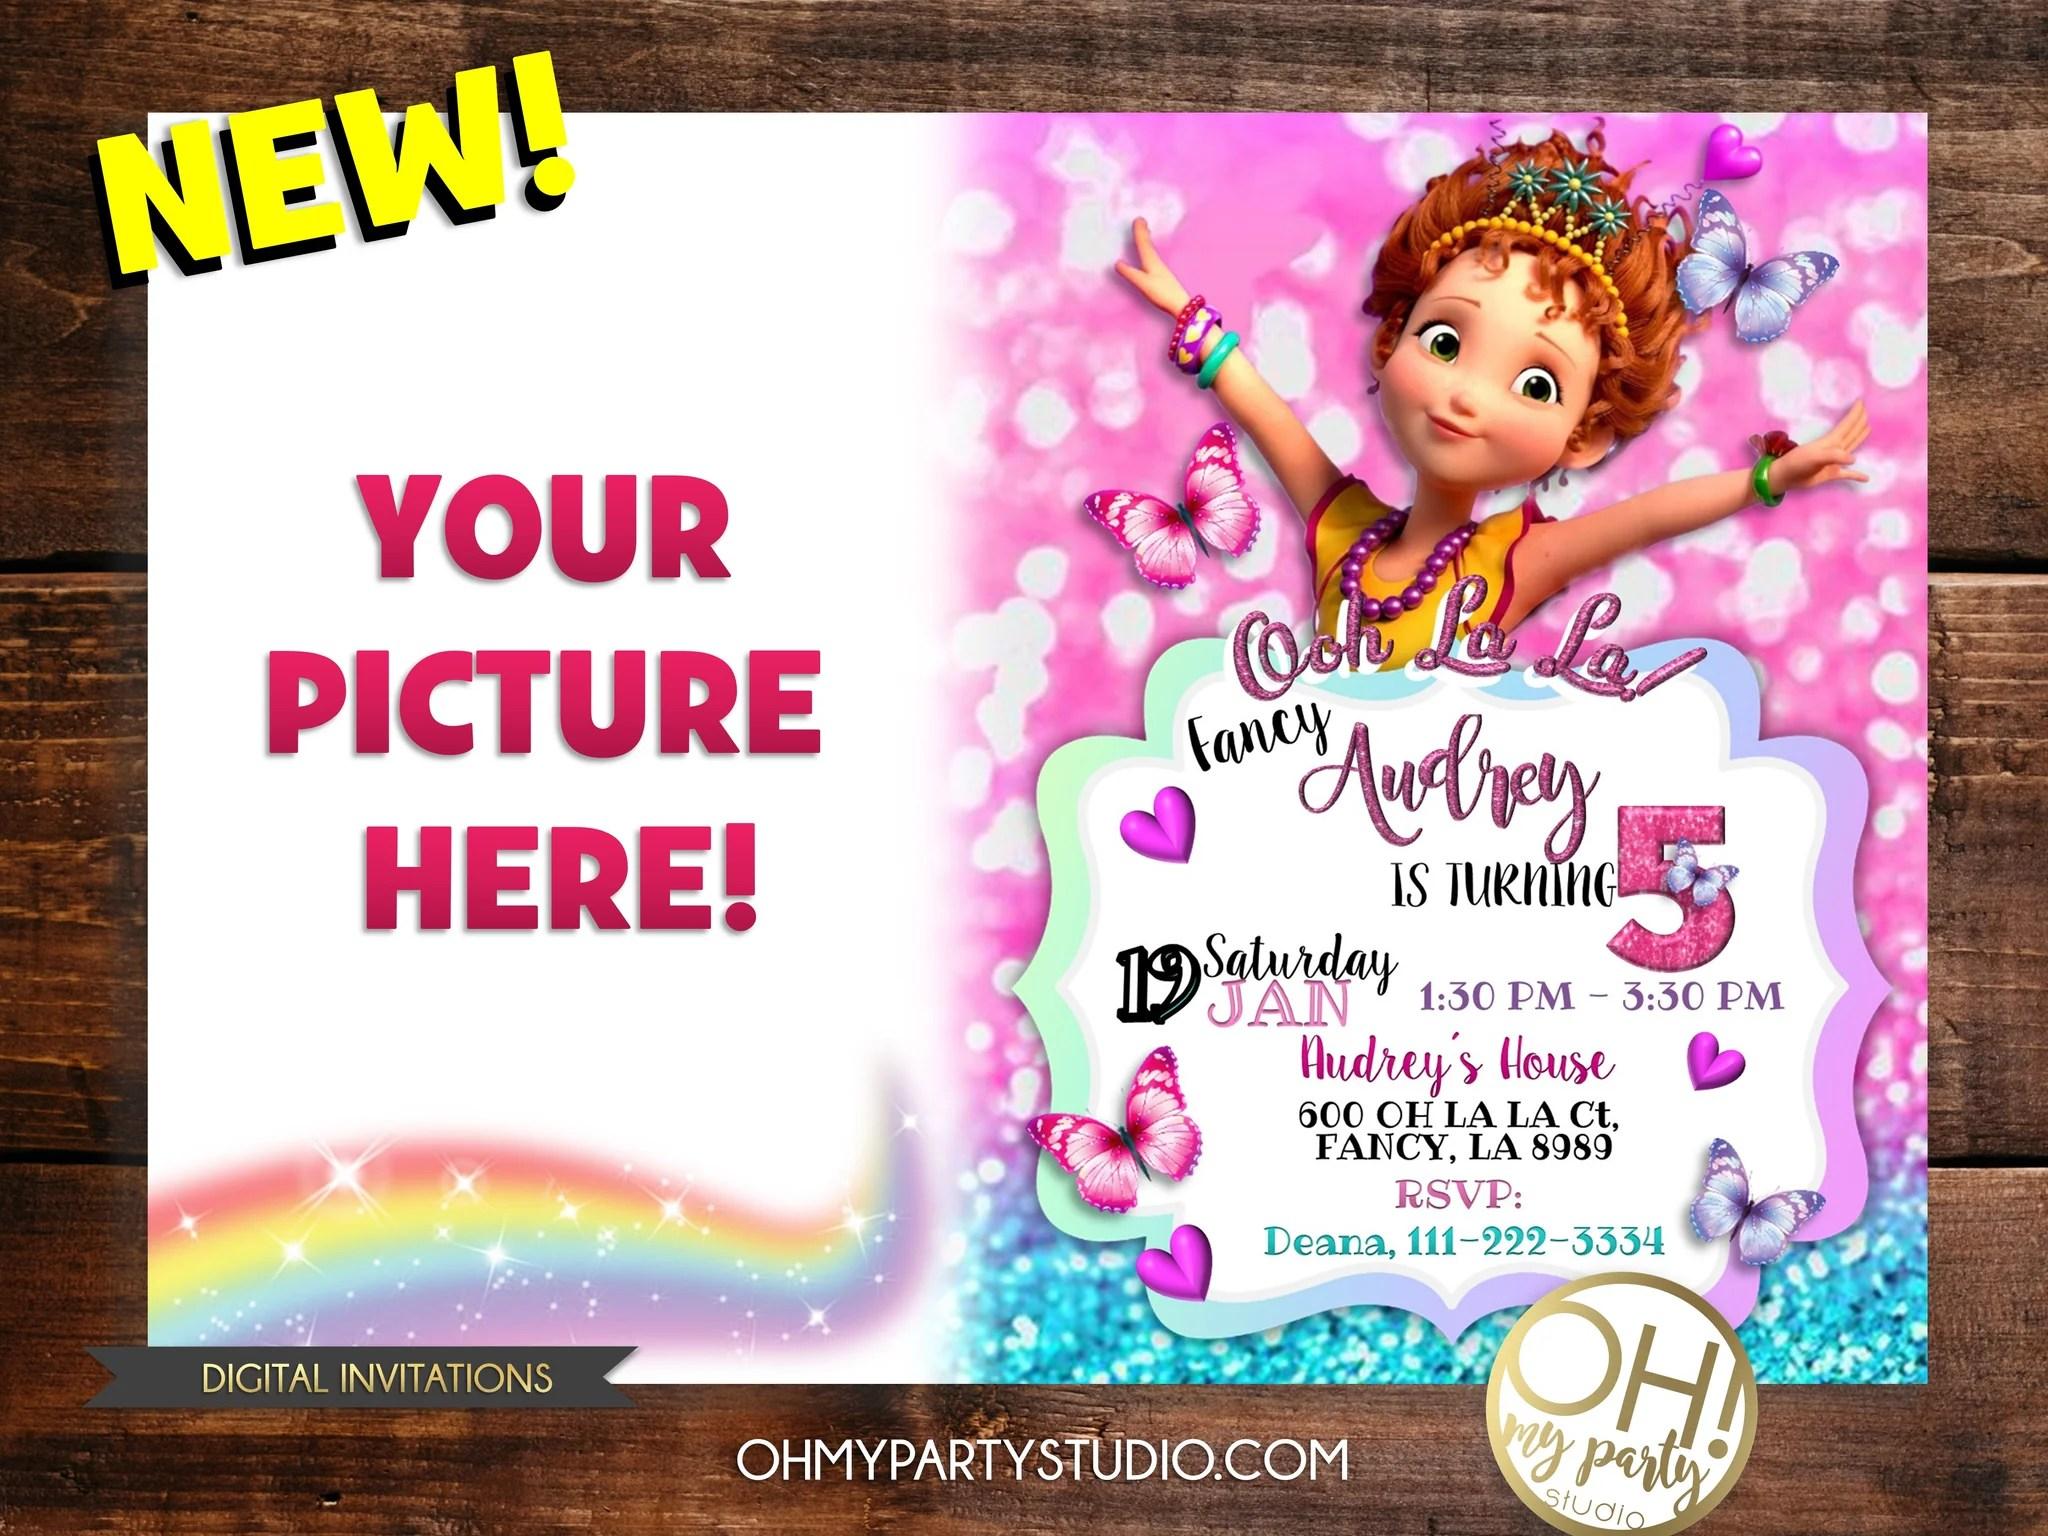 medium resolution of fancy nancy invitation fancy nancy invitations fancy nancy printables fancy nancy birthday party